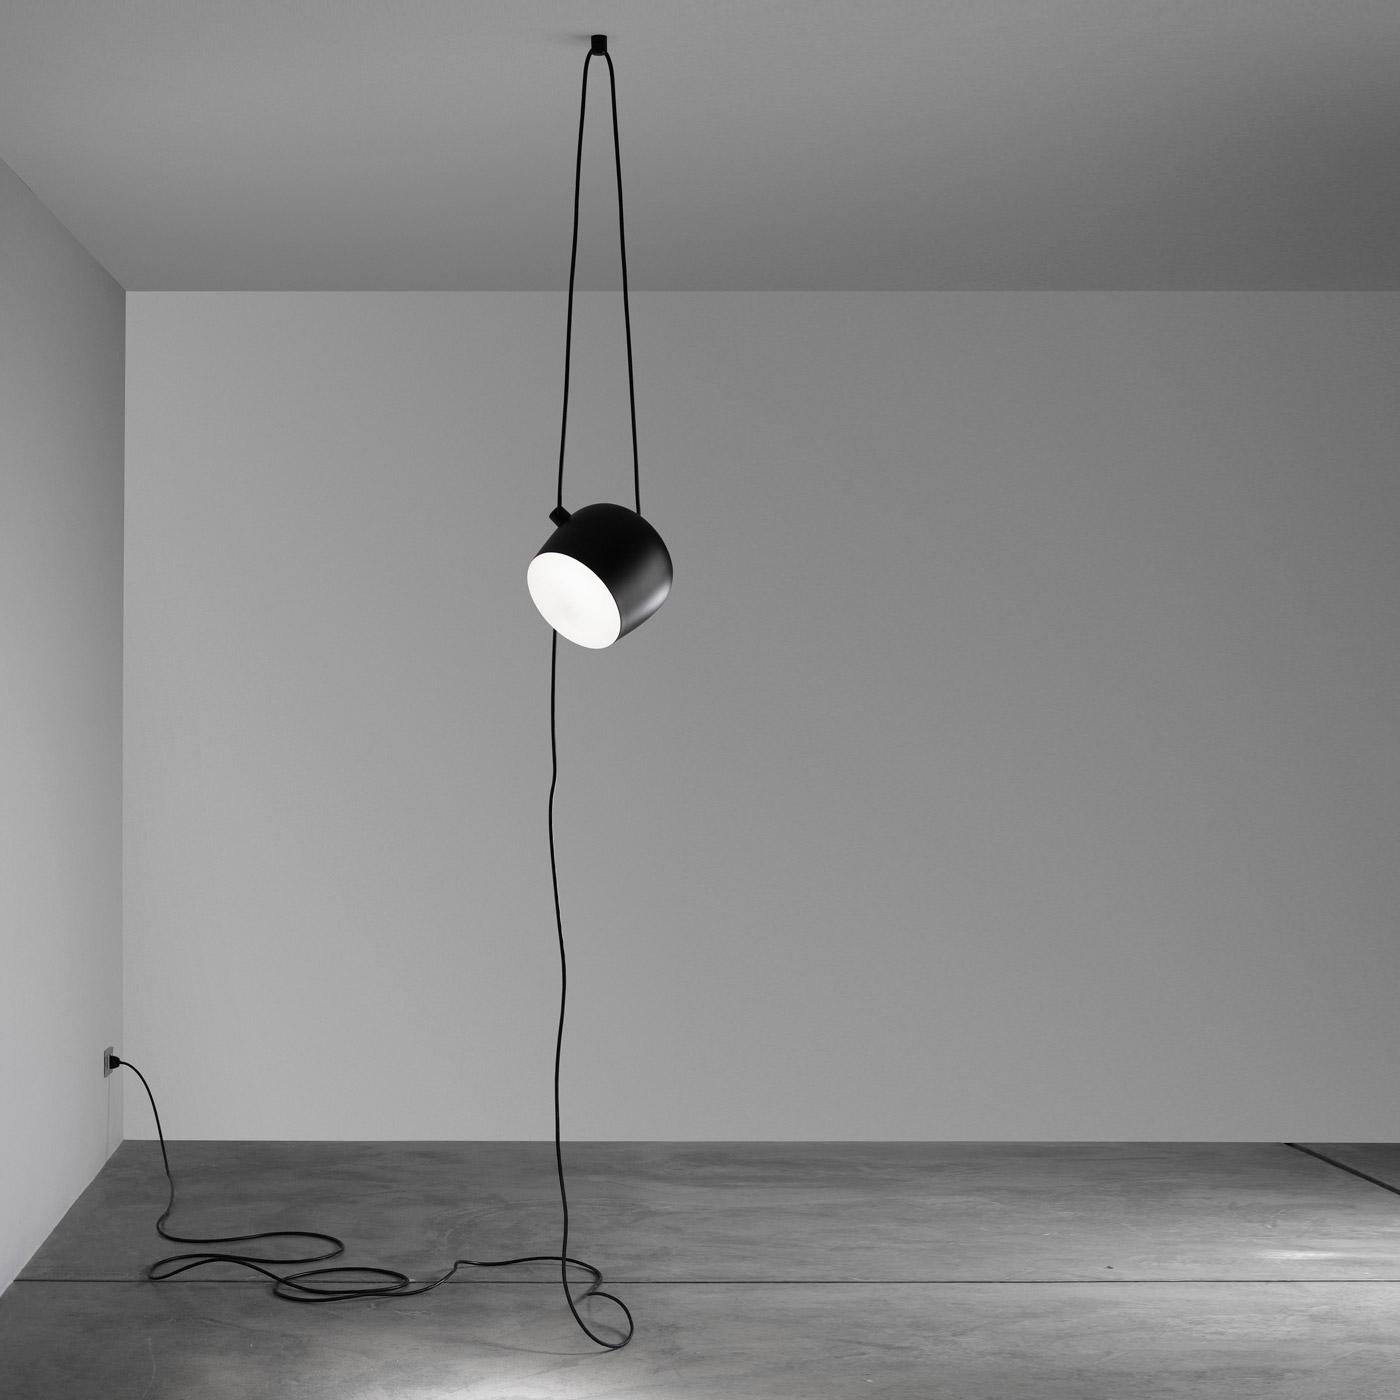 Lampadario Con Punto Luce Decentrato illuminazione cucina con travi e punto luce laterale - forum